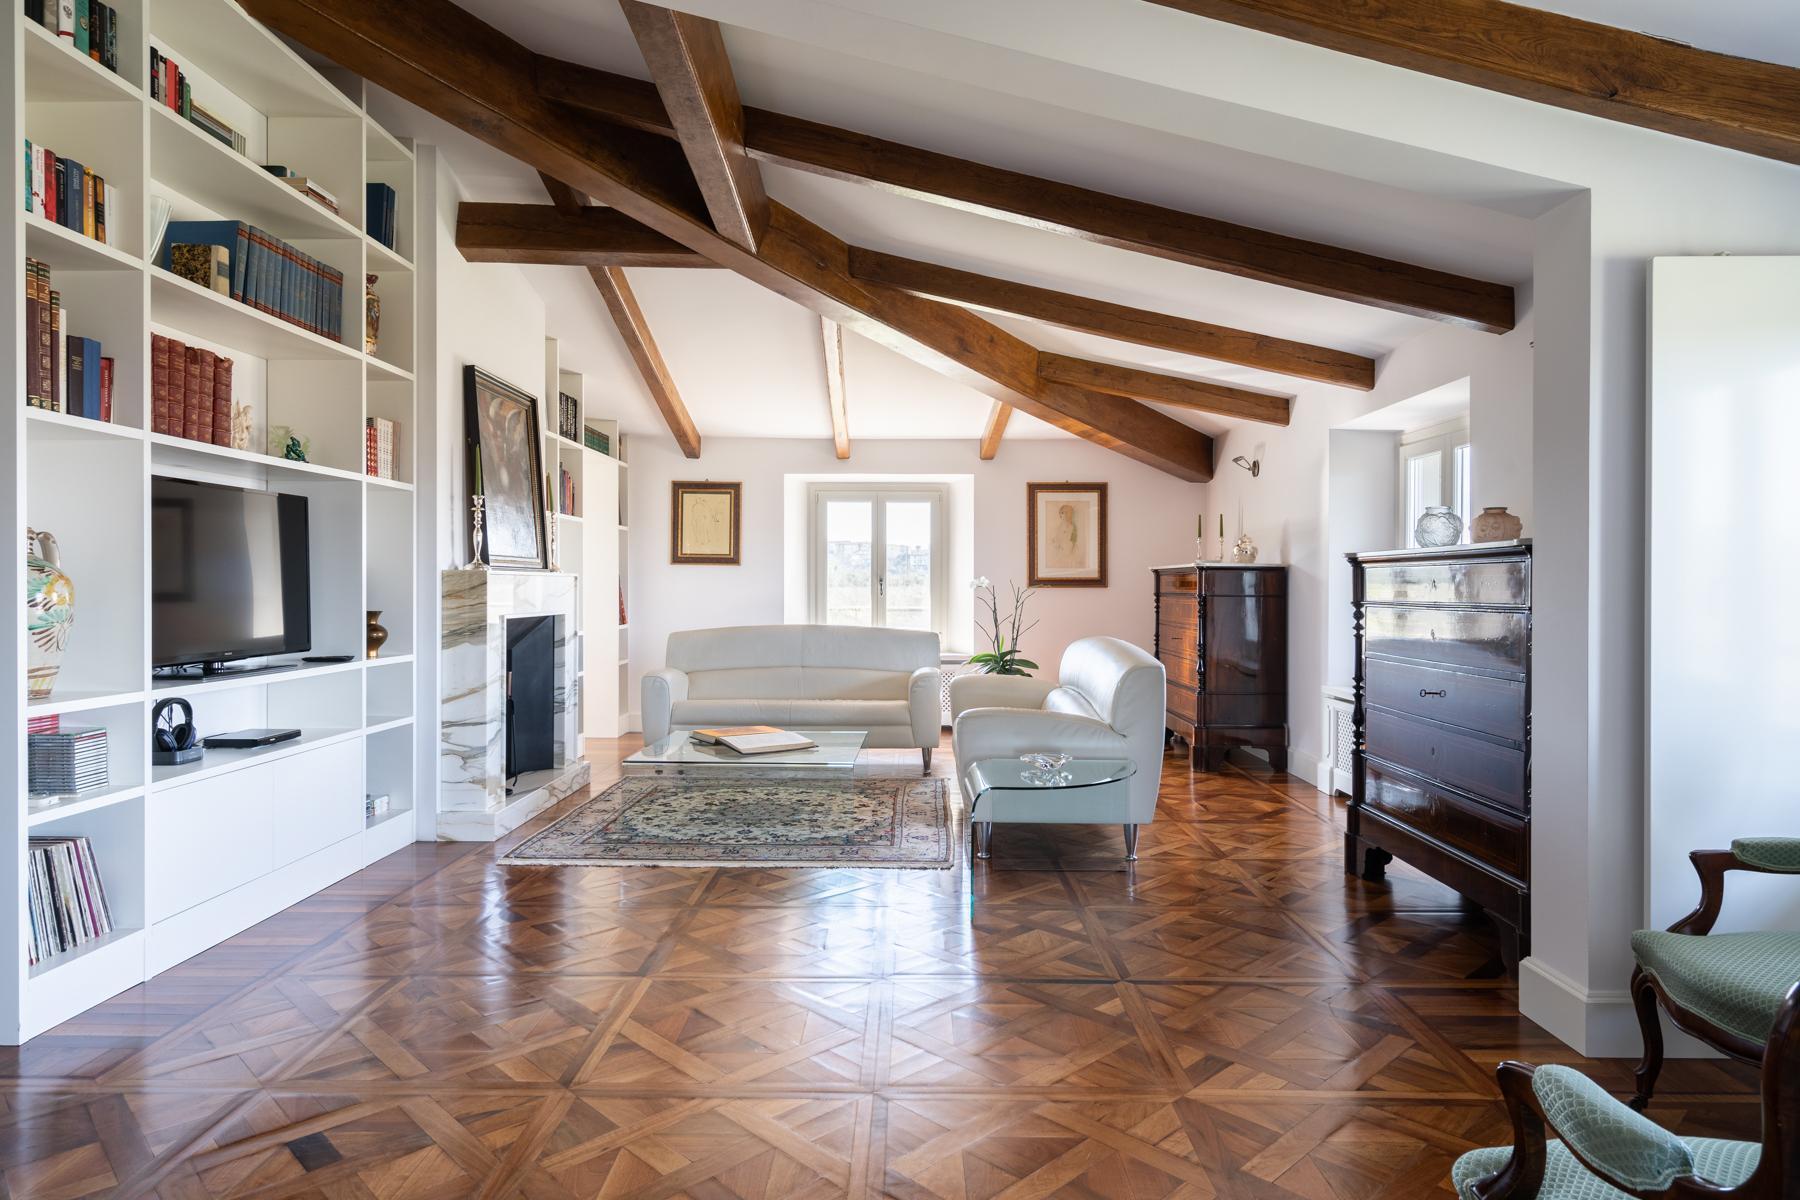 Wunderbare Wohnung in einer Villa mit Swimmingpool auf den Hügeln von Florenz - 3